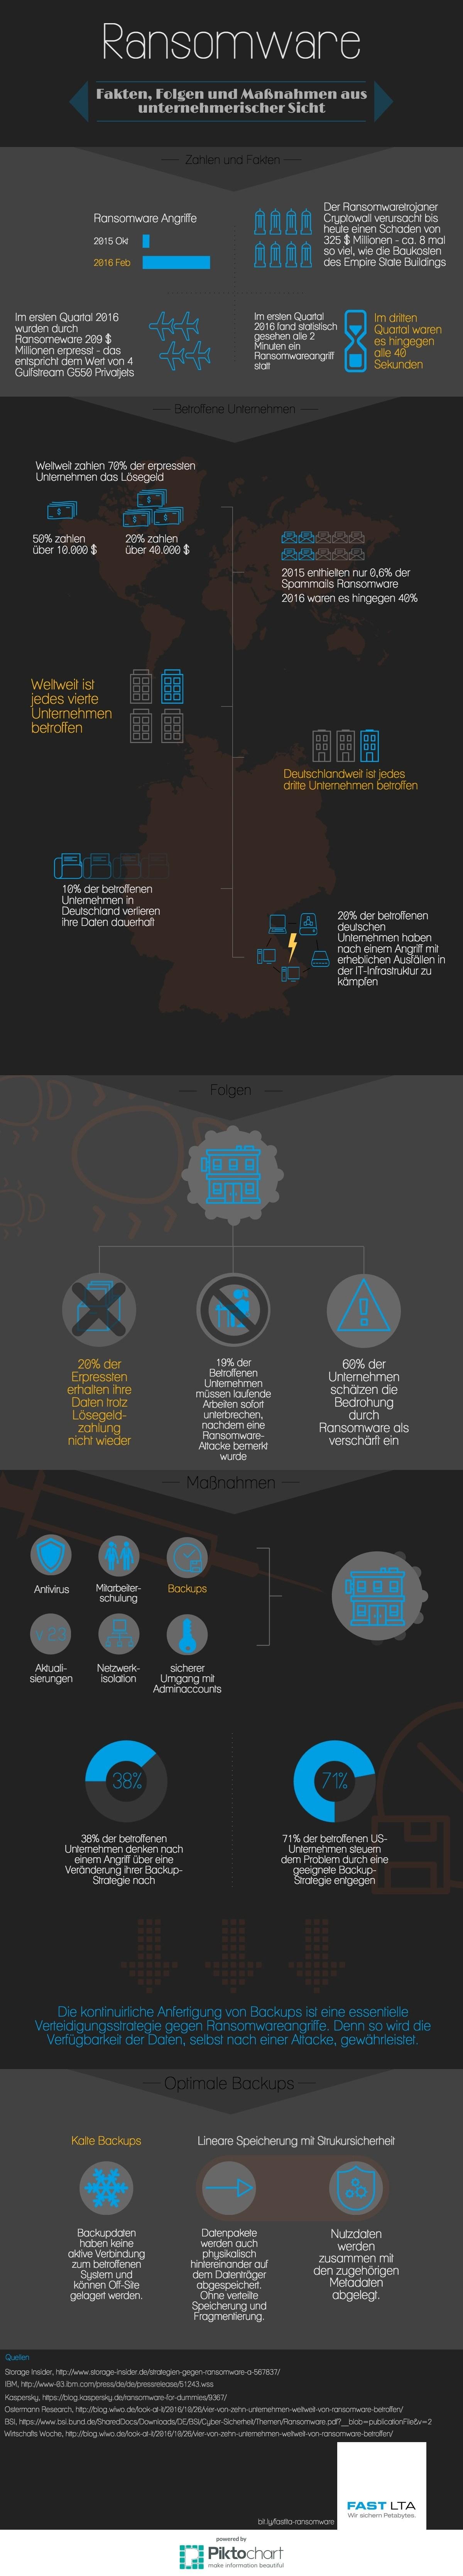 infografik fast lta ransomware 2016